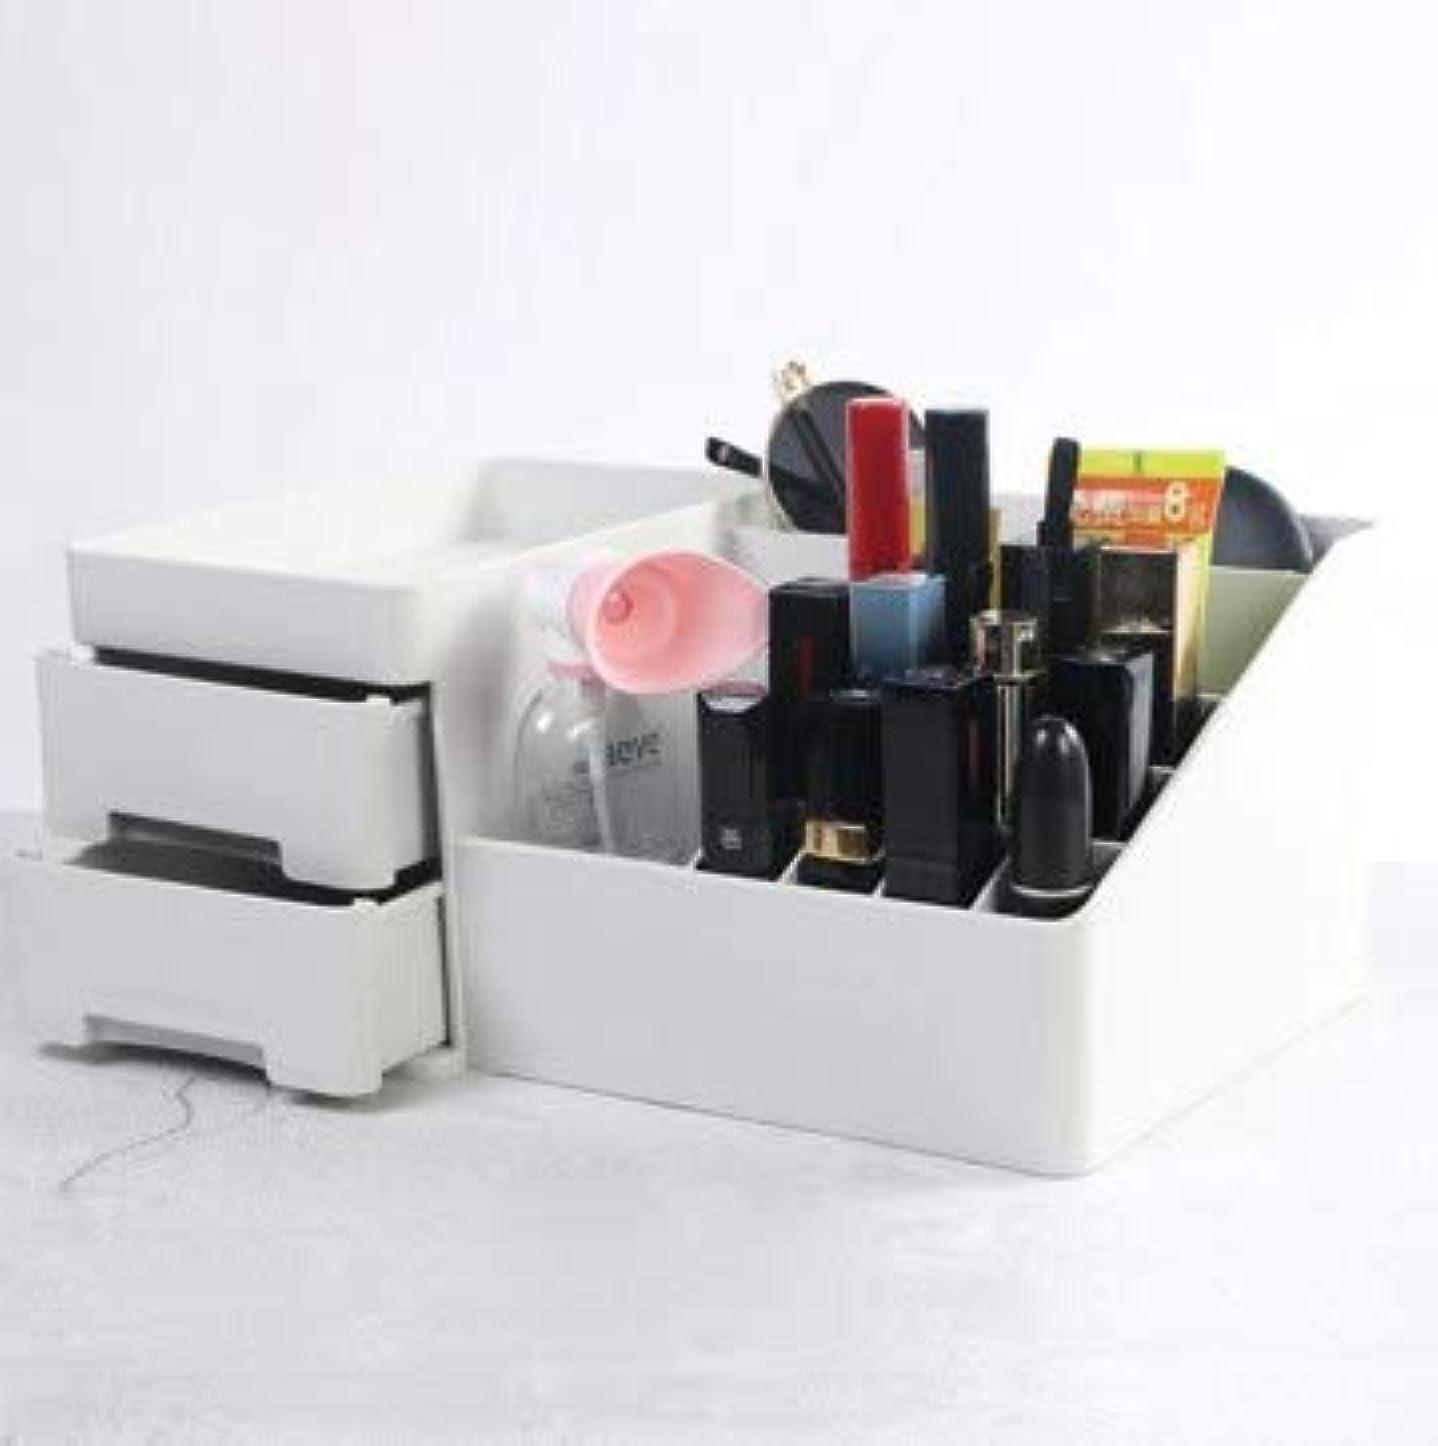 親密な教会ドキュメンタリーデスクトップ引き出し型化粧品収納ボックスプラスチックドレッシング収納ホーム収納ボックス (Color : グレー)